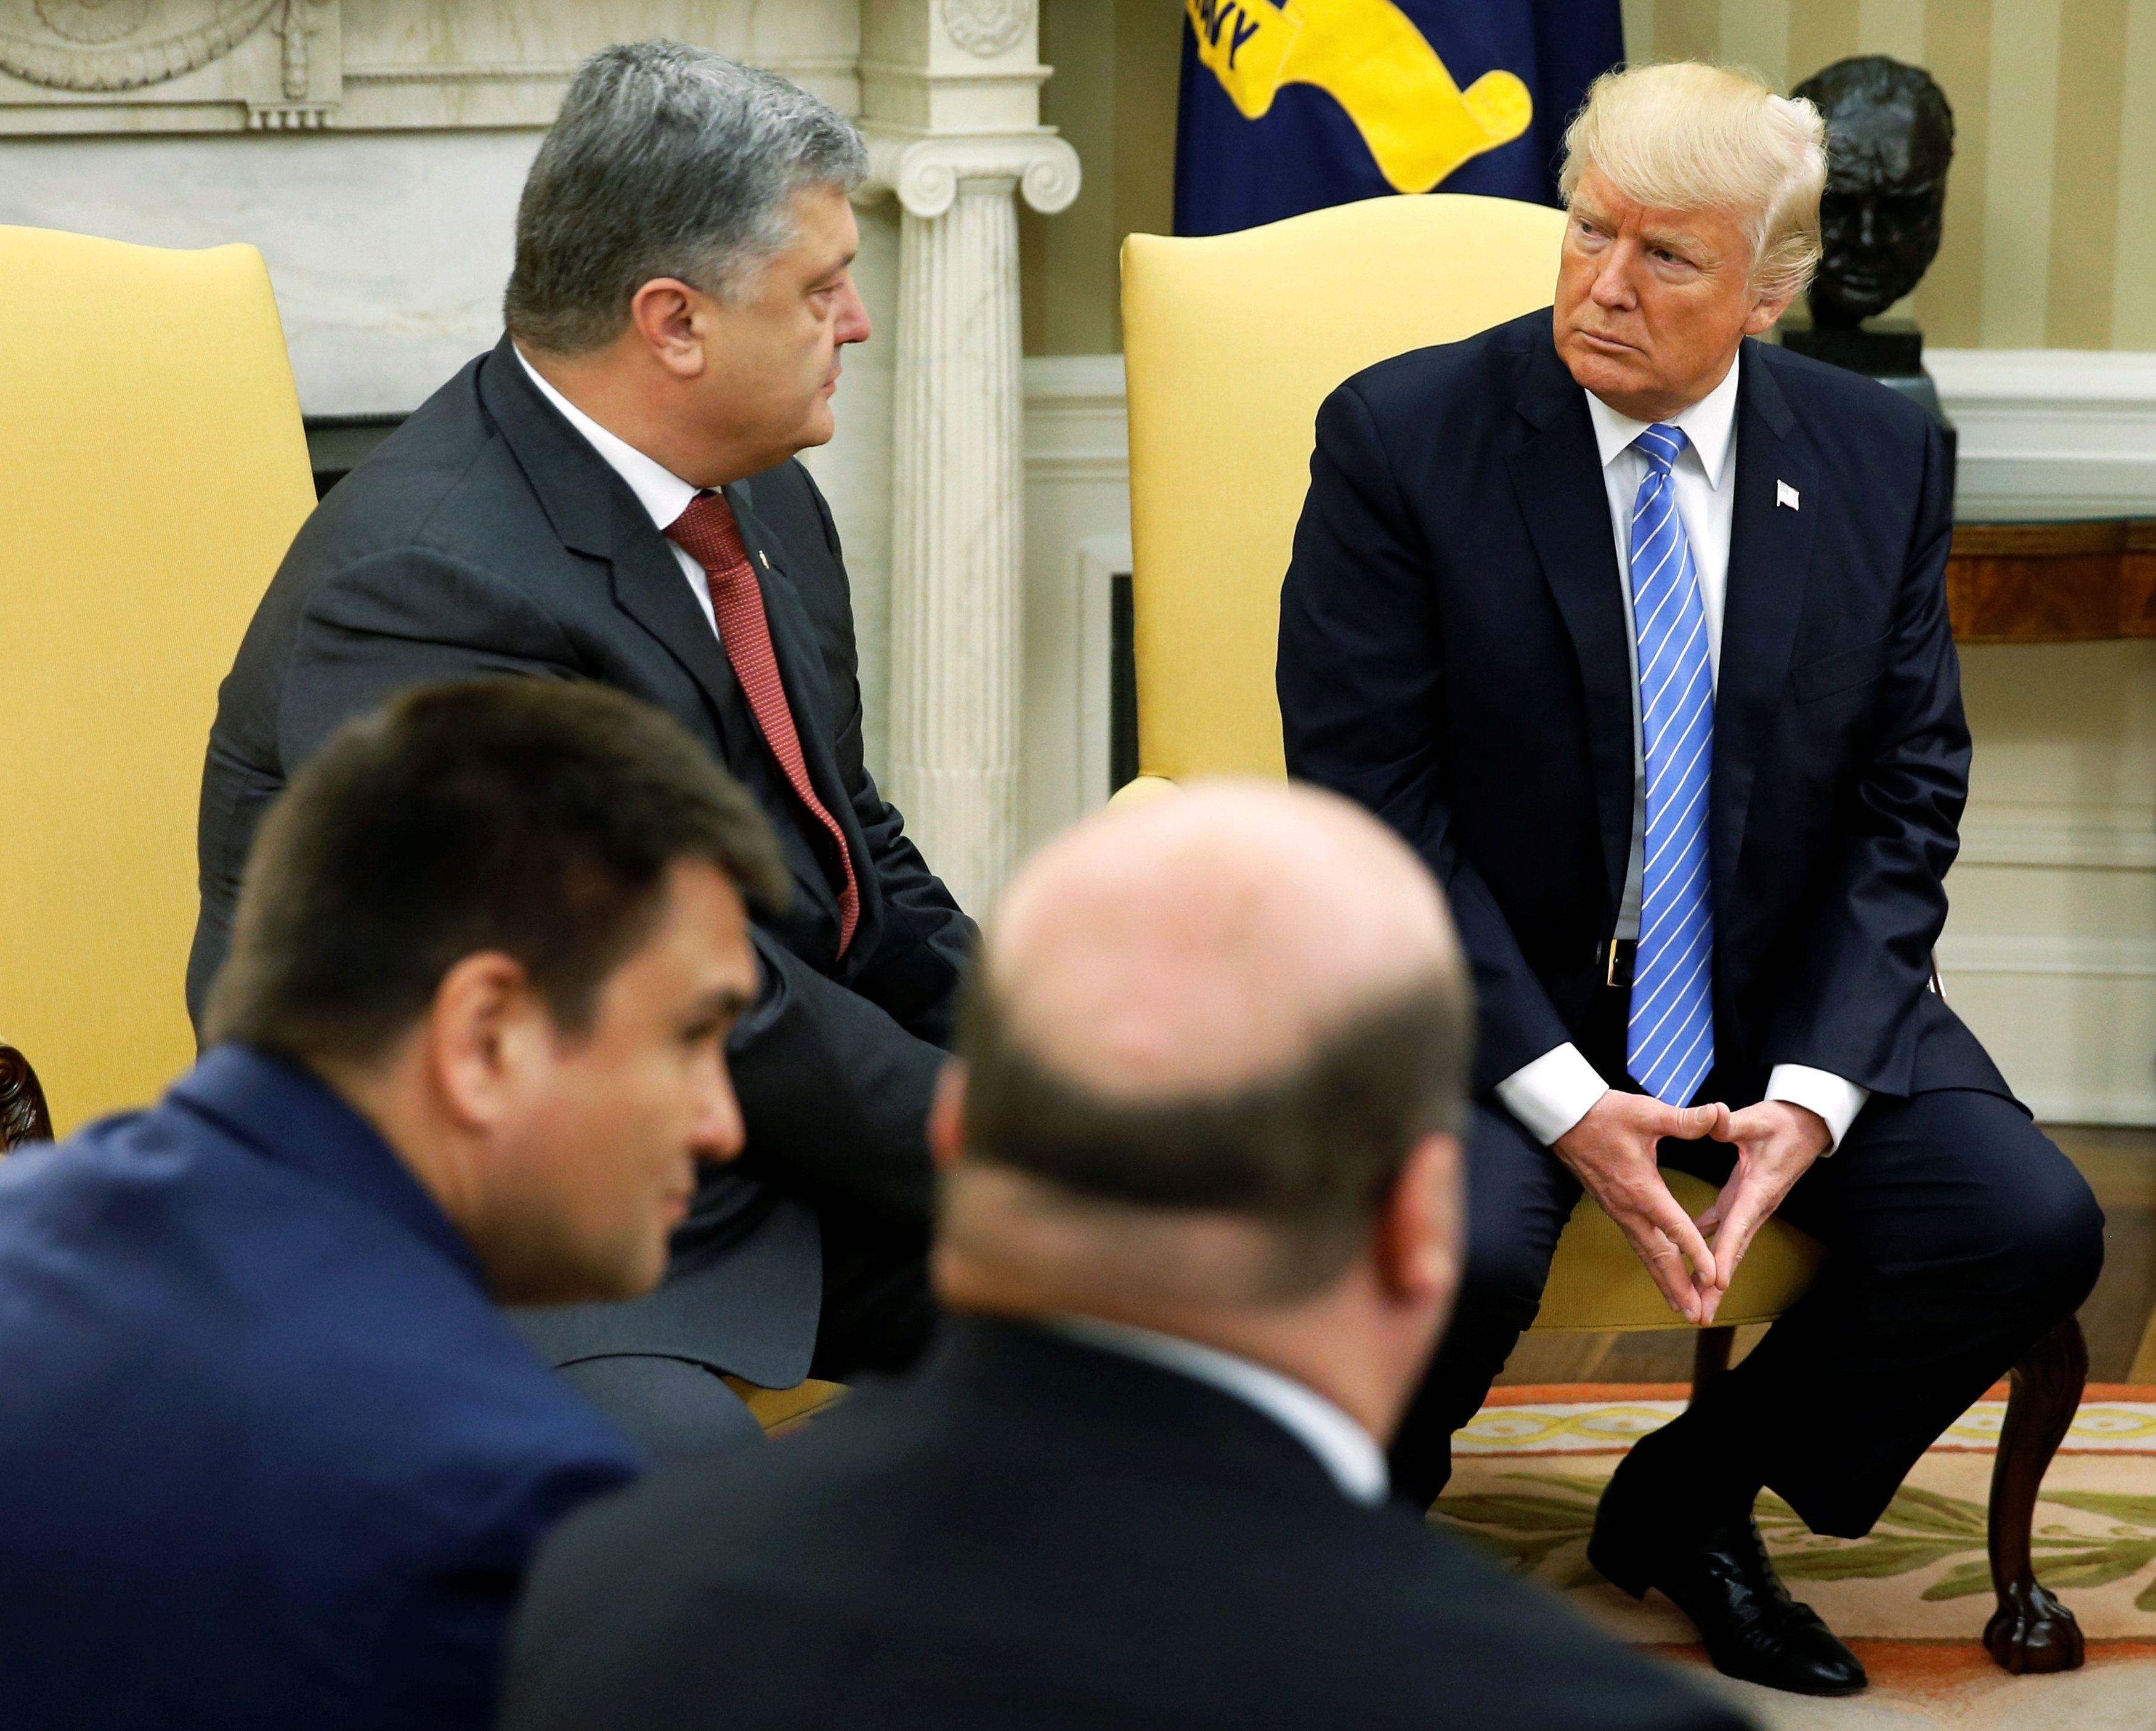 Порошенко о встрече с Трампом: давление на Россию и расширение военного сотрудничества Украины и США